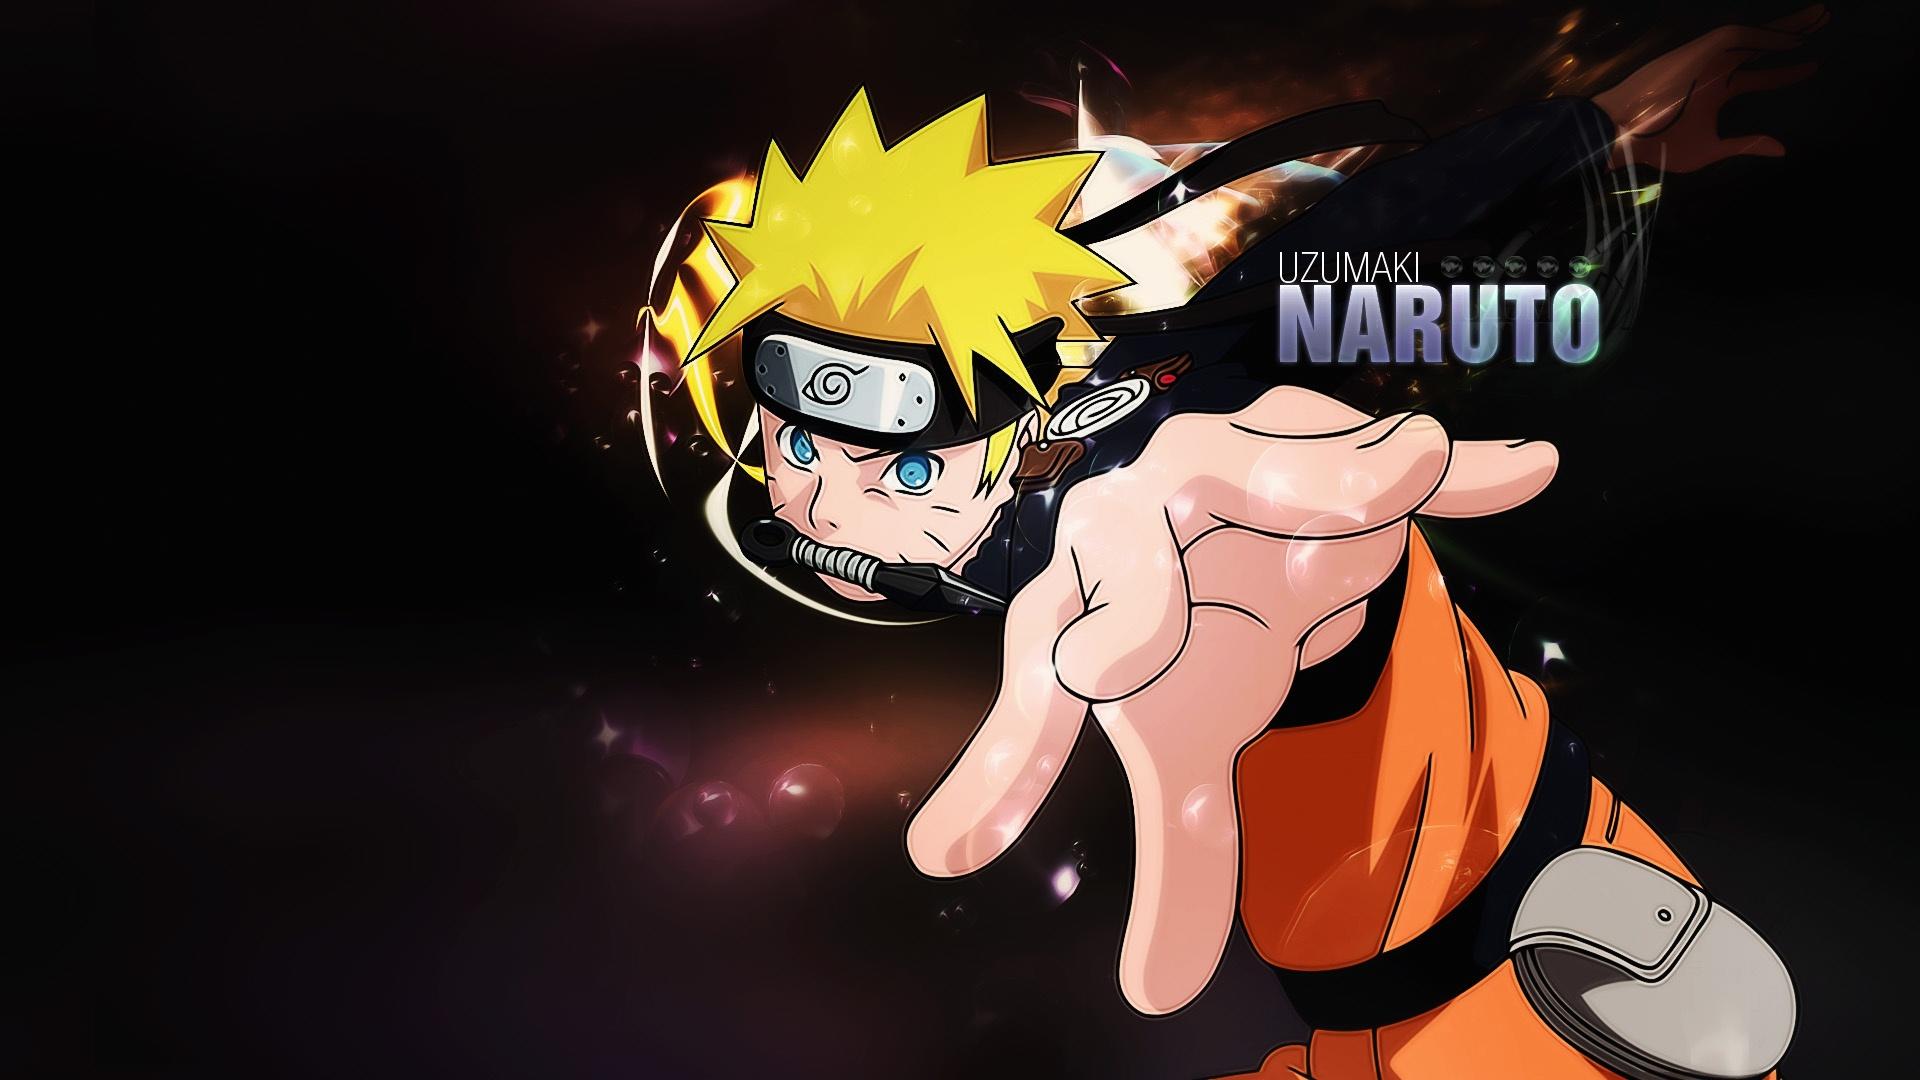 Naruto Shippuden wallpaper 2